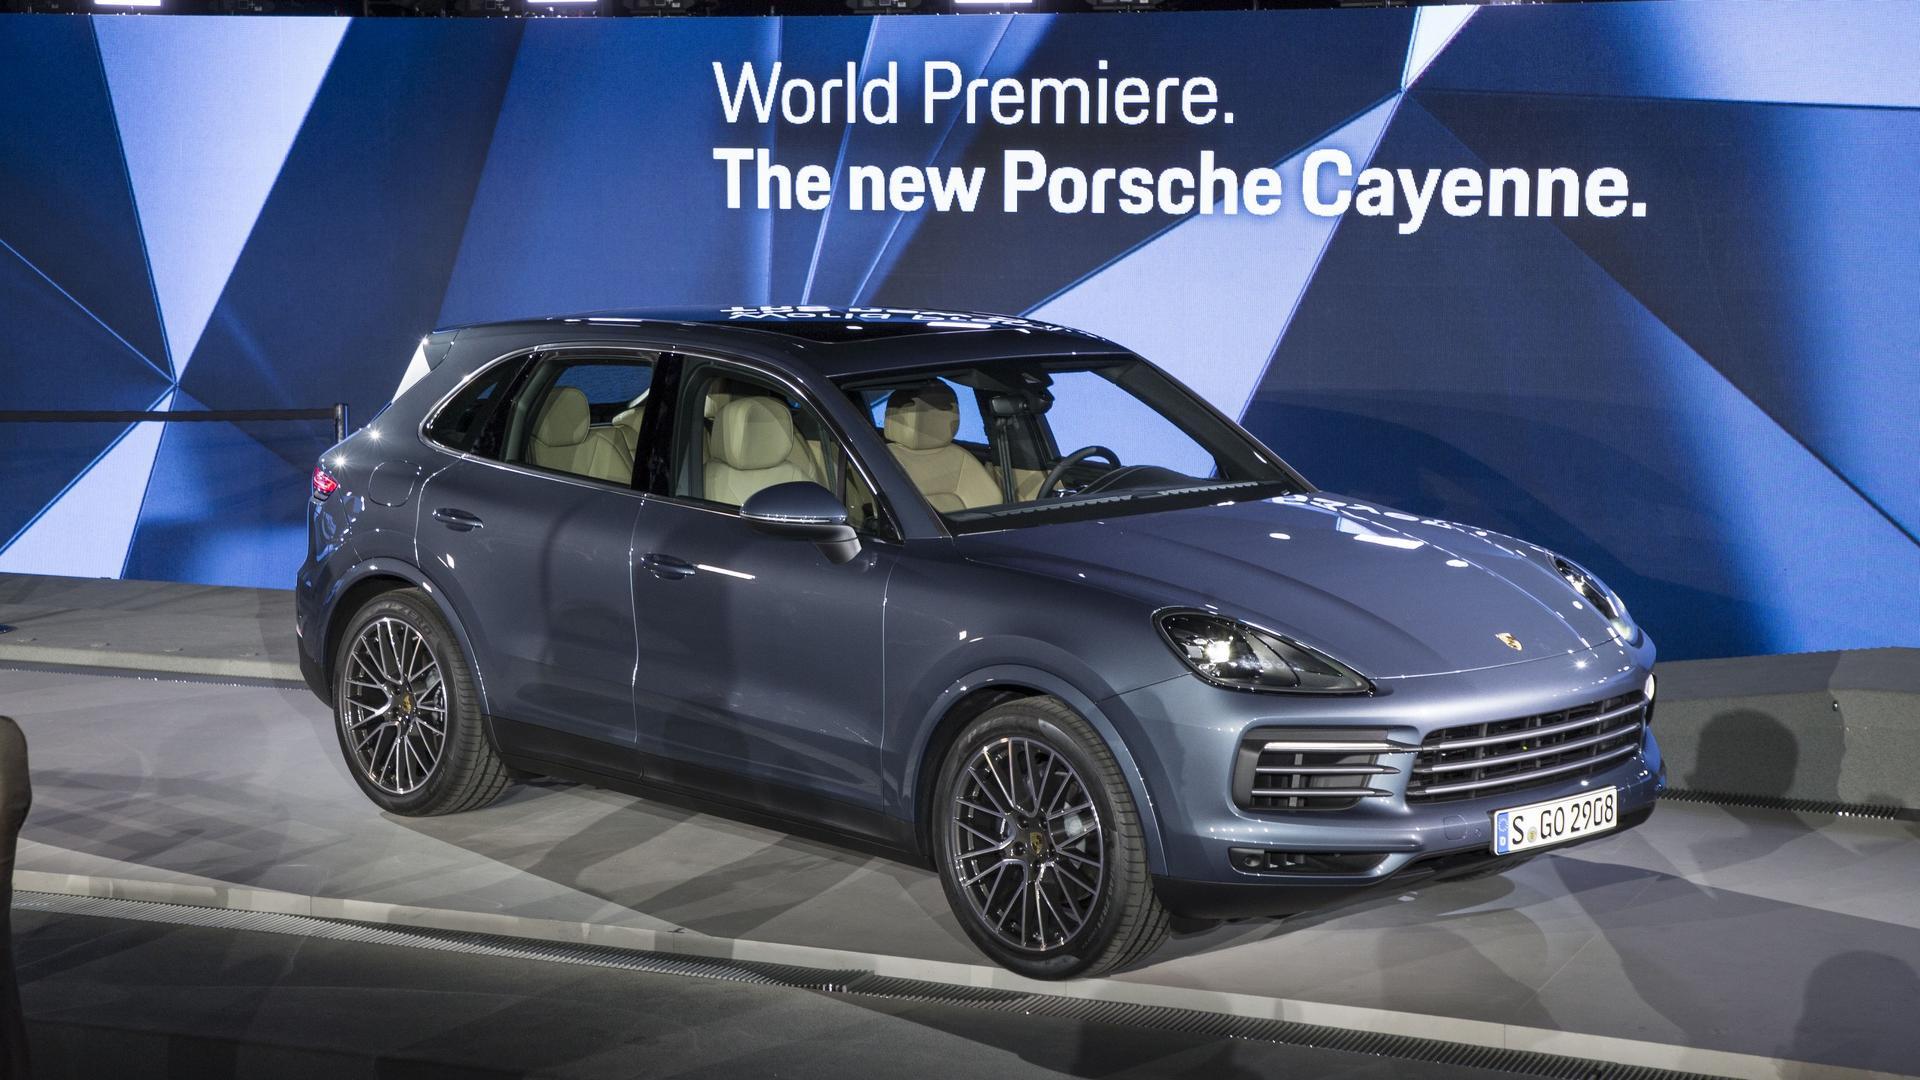 2019 Porsche Cayenne Debuts Sleeker Look Sheds Weight